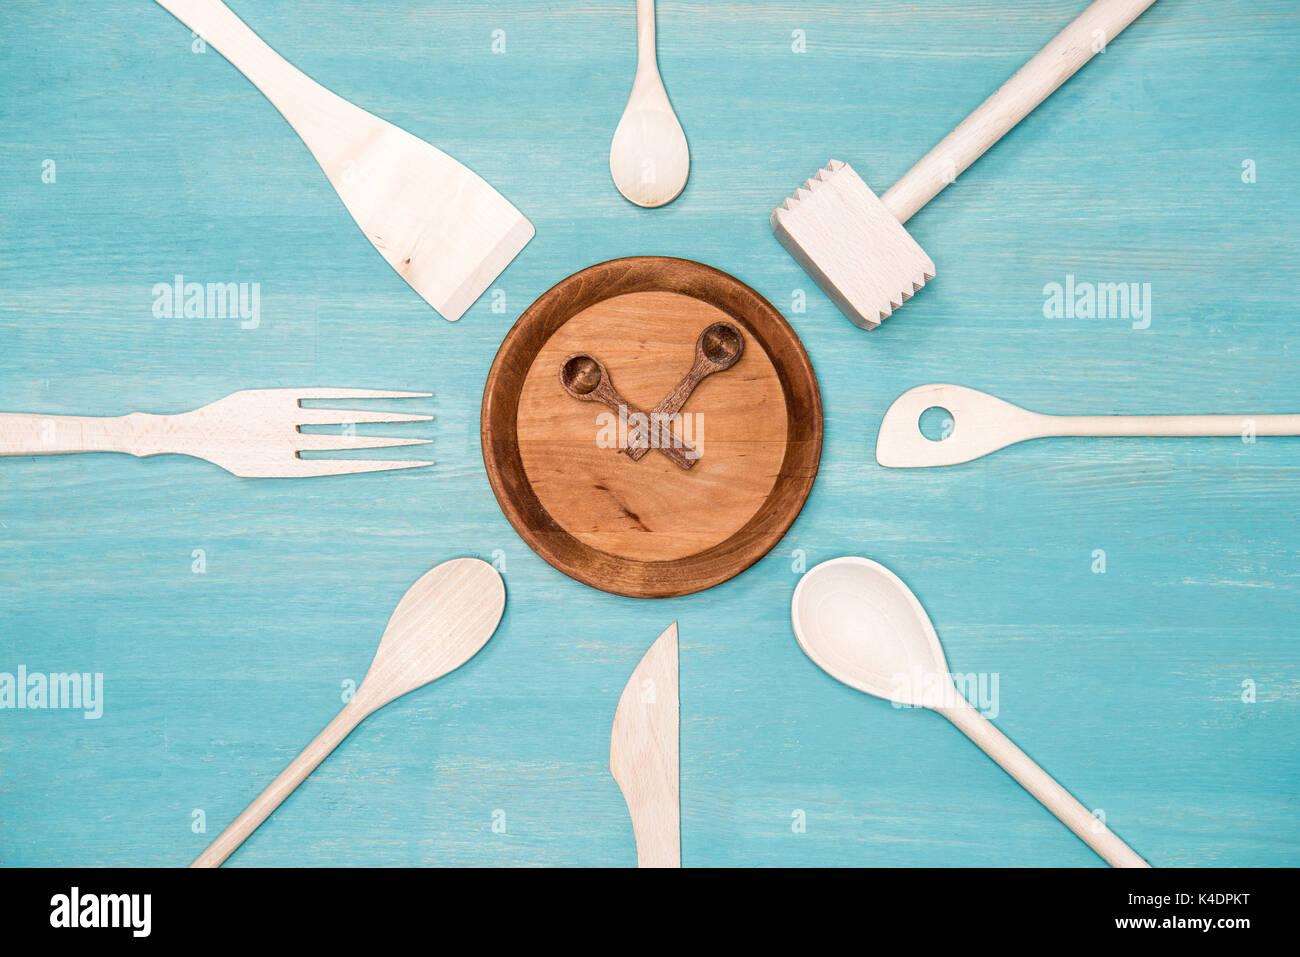 Kitchen Sign Stockfotos & Kitchen Sign Bilder - Seite 3 - Alamy